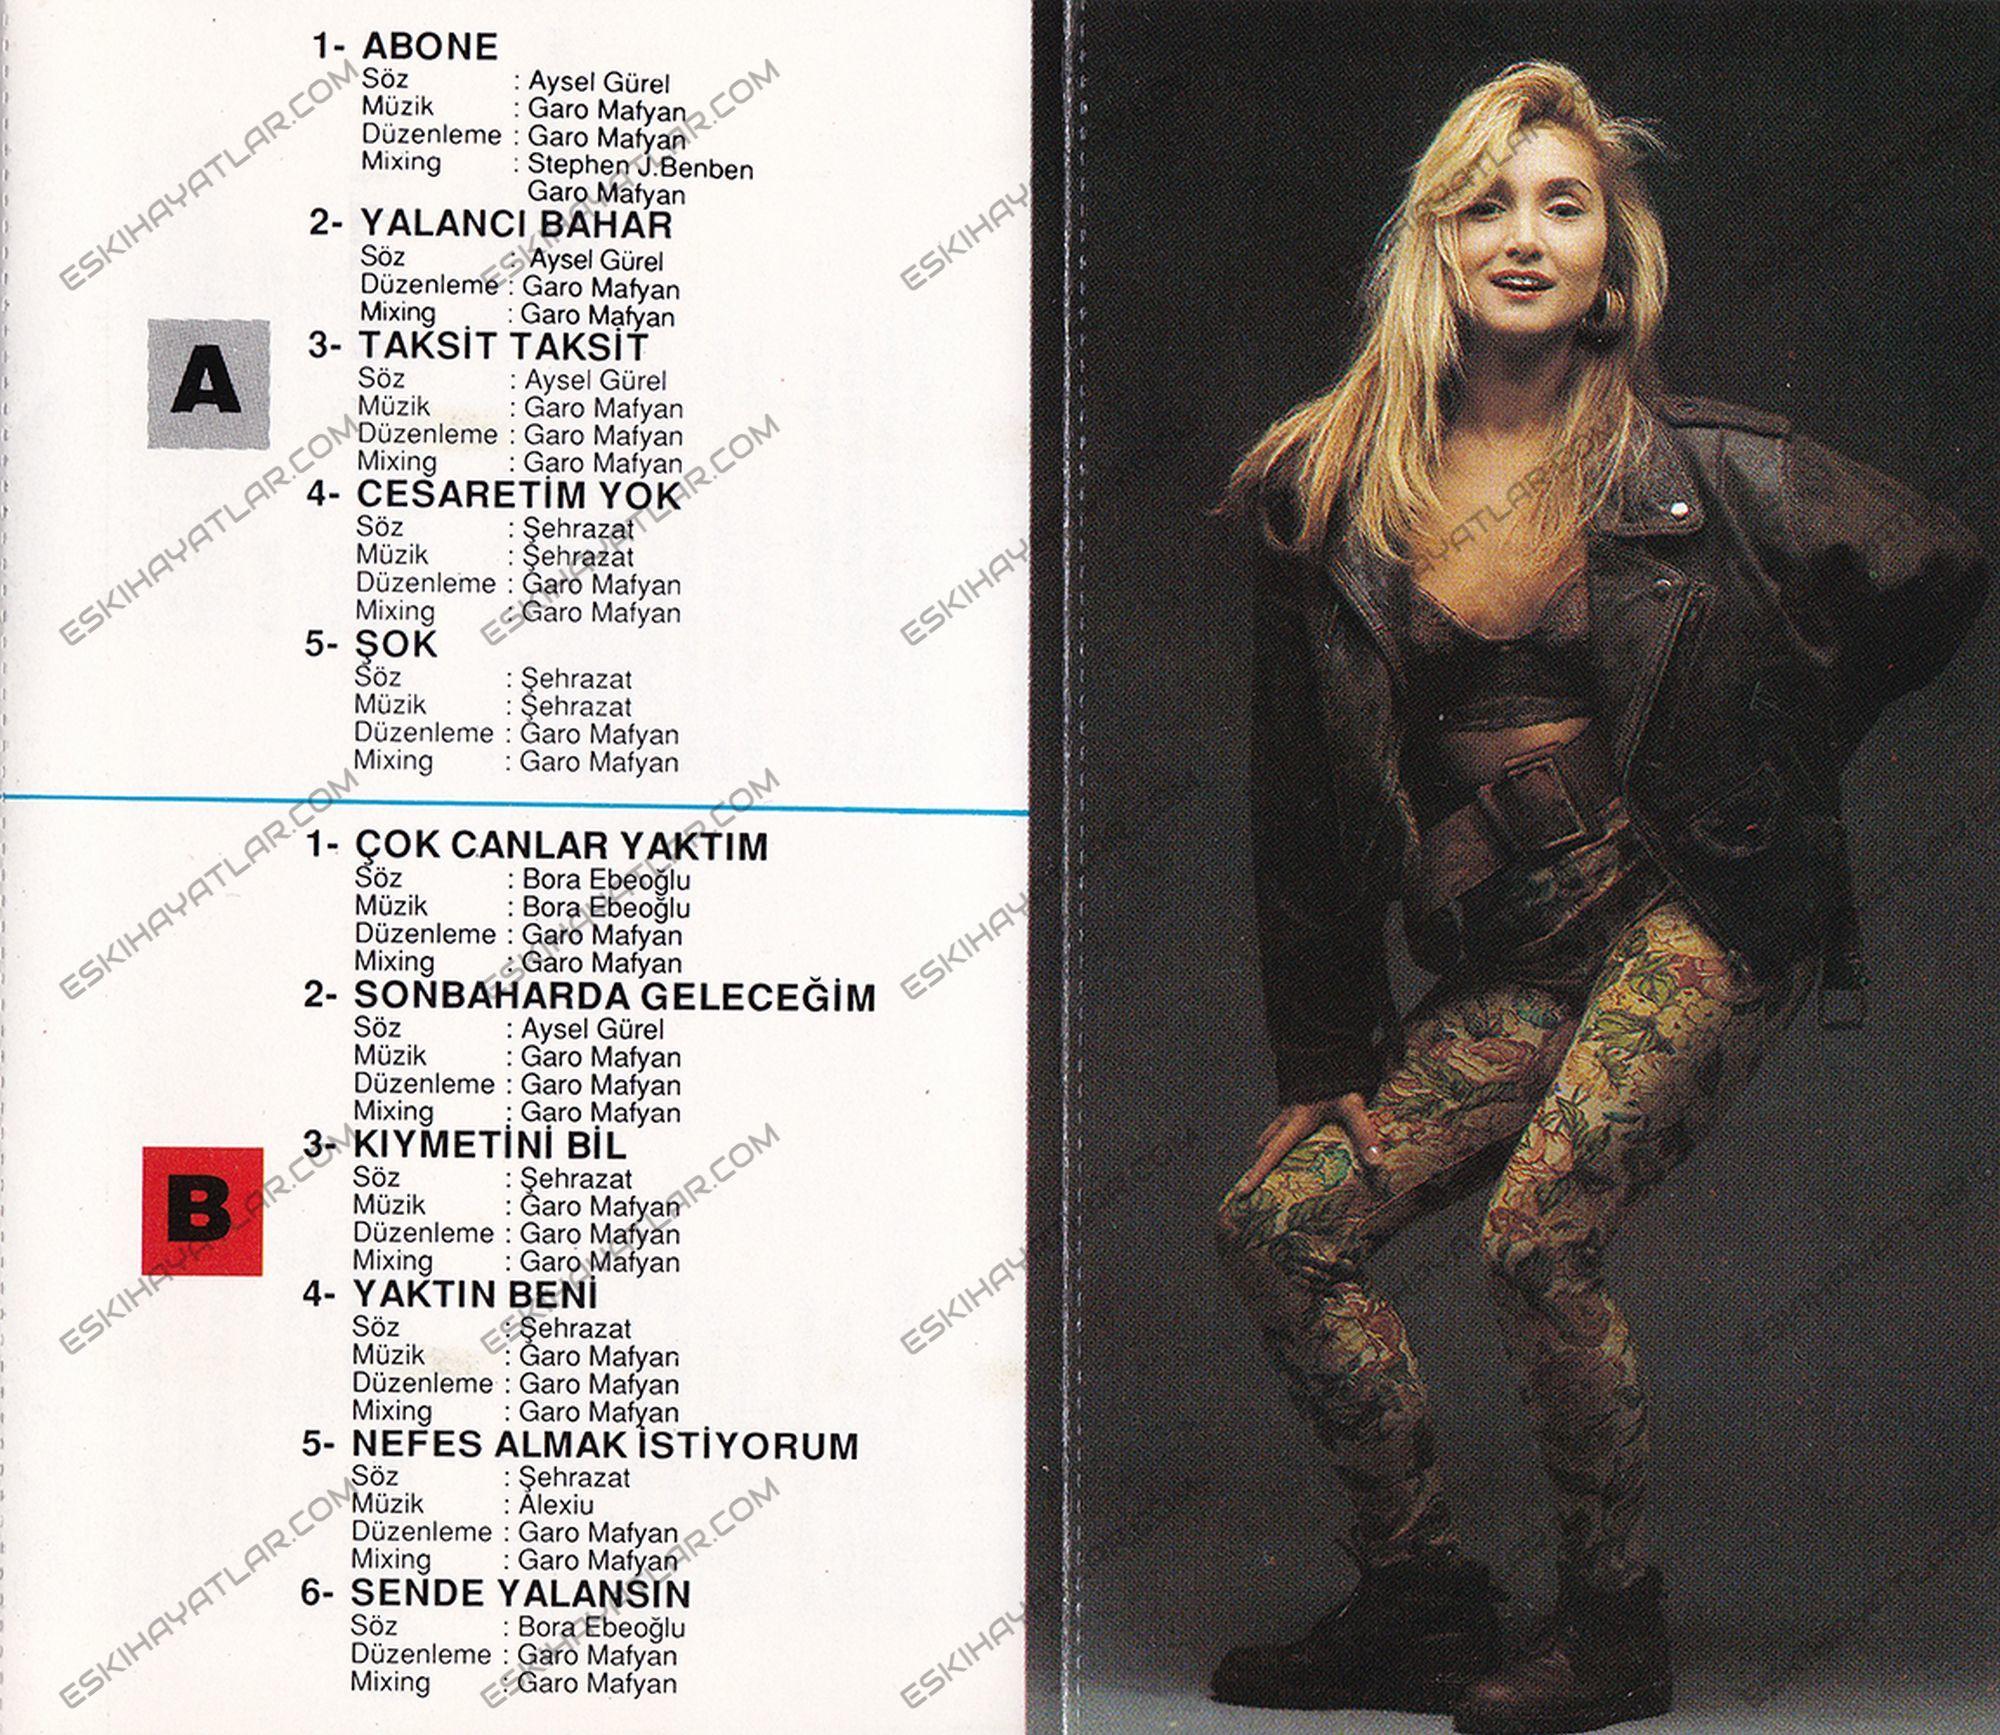 yonca-evcimik-abone-kaset-icerigi-album-kapagi (5)